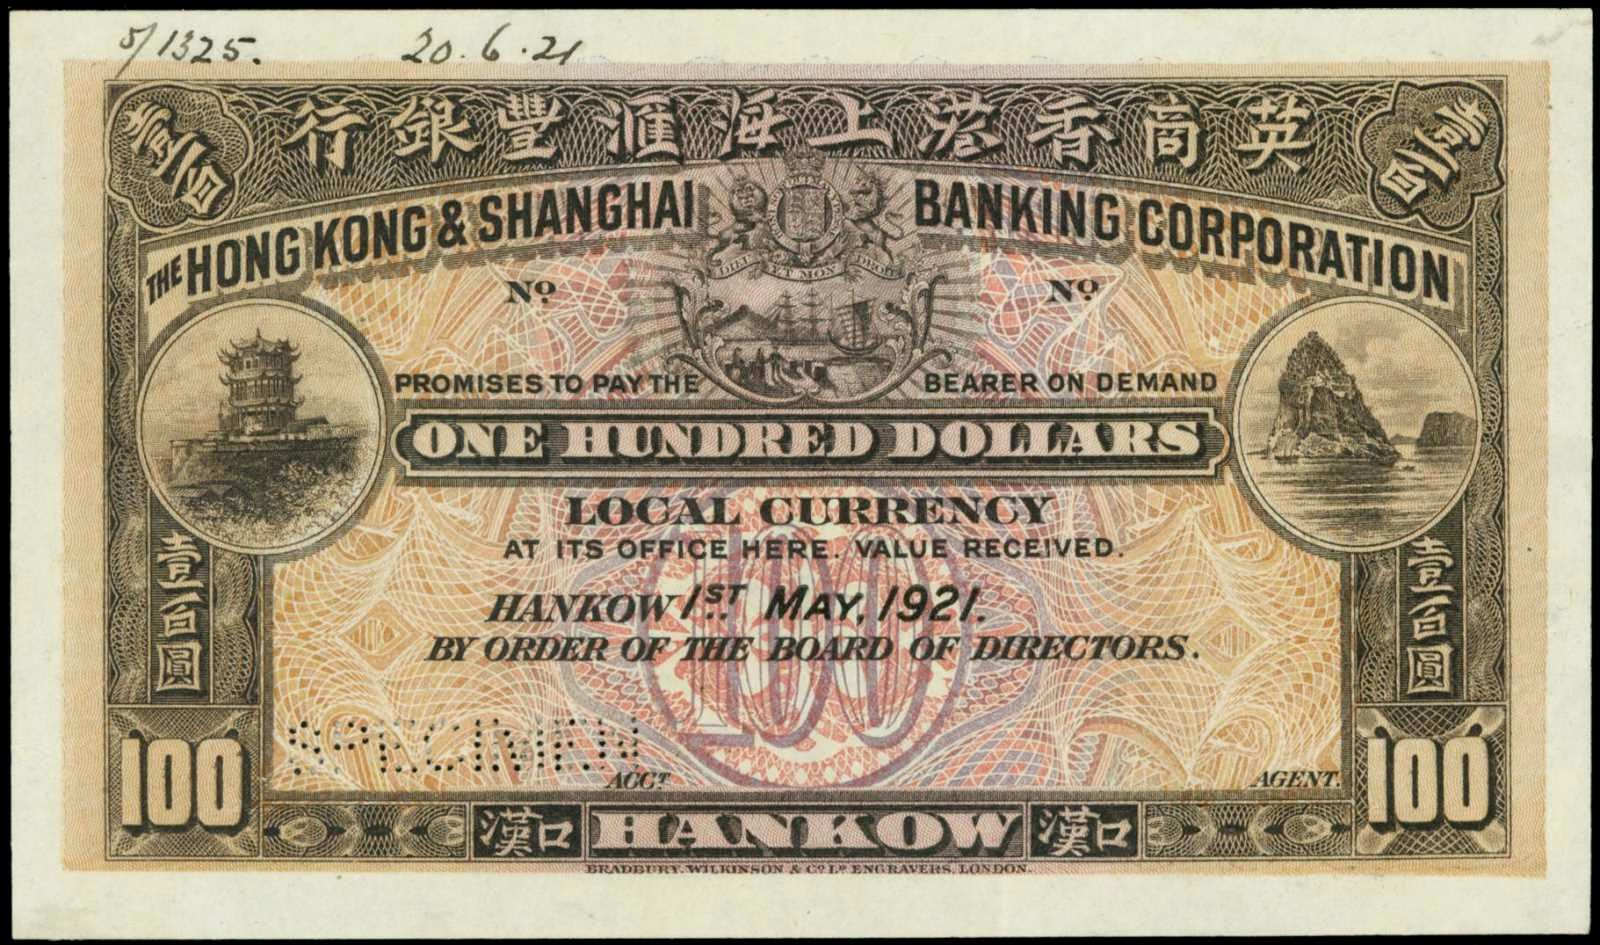 Banknotes of Foreign Banks in China 100 Dollars Hong Kong Shanghai Banking Corporation